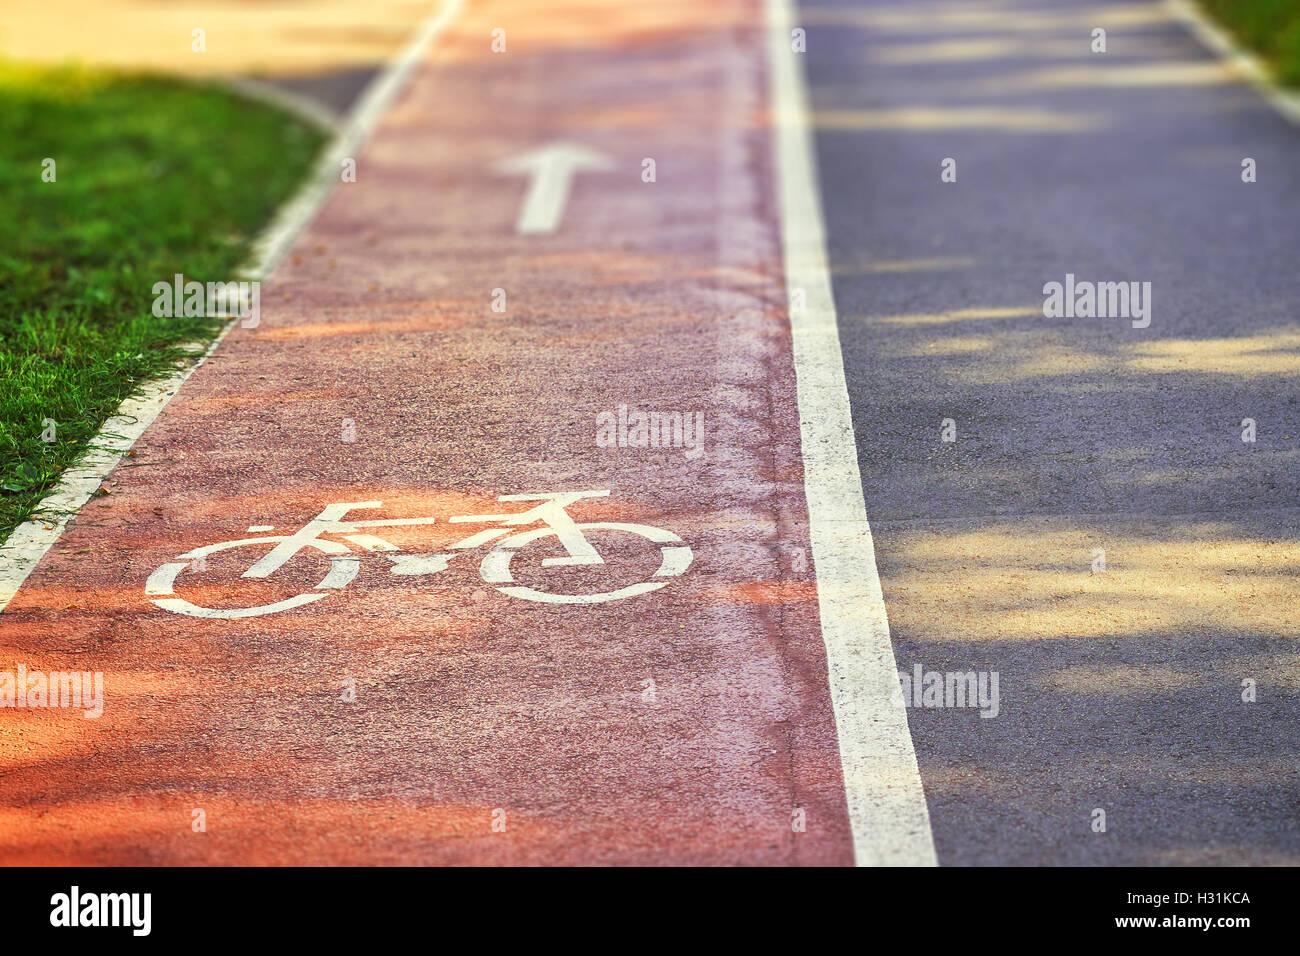 Roten Radweg auf Bürgersteig mit gemalten weißen Pfeil und Fahrrad schildern. Textfreiraum Stockfoto